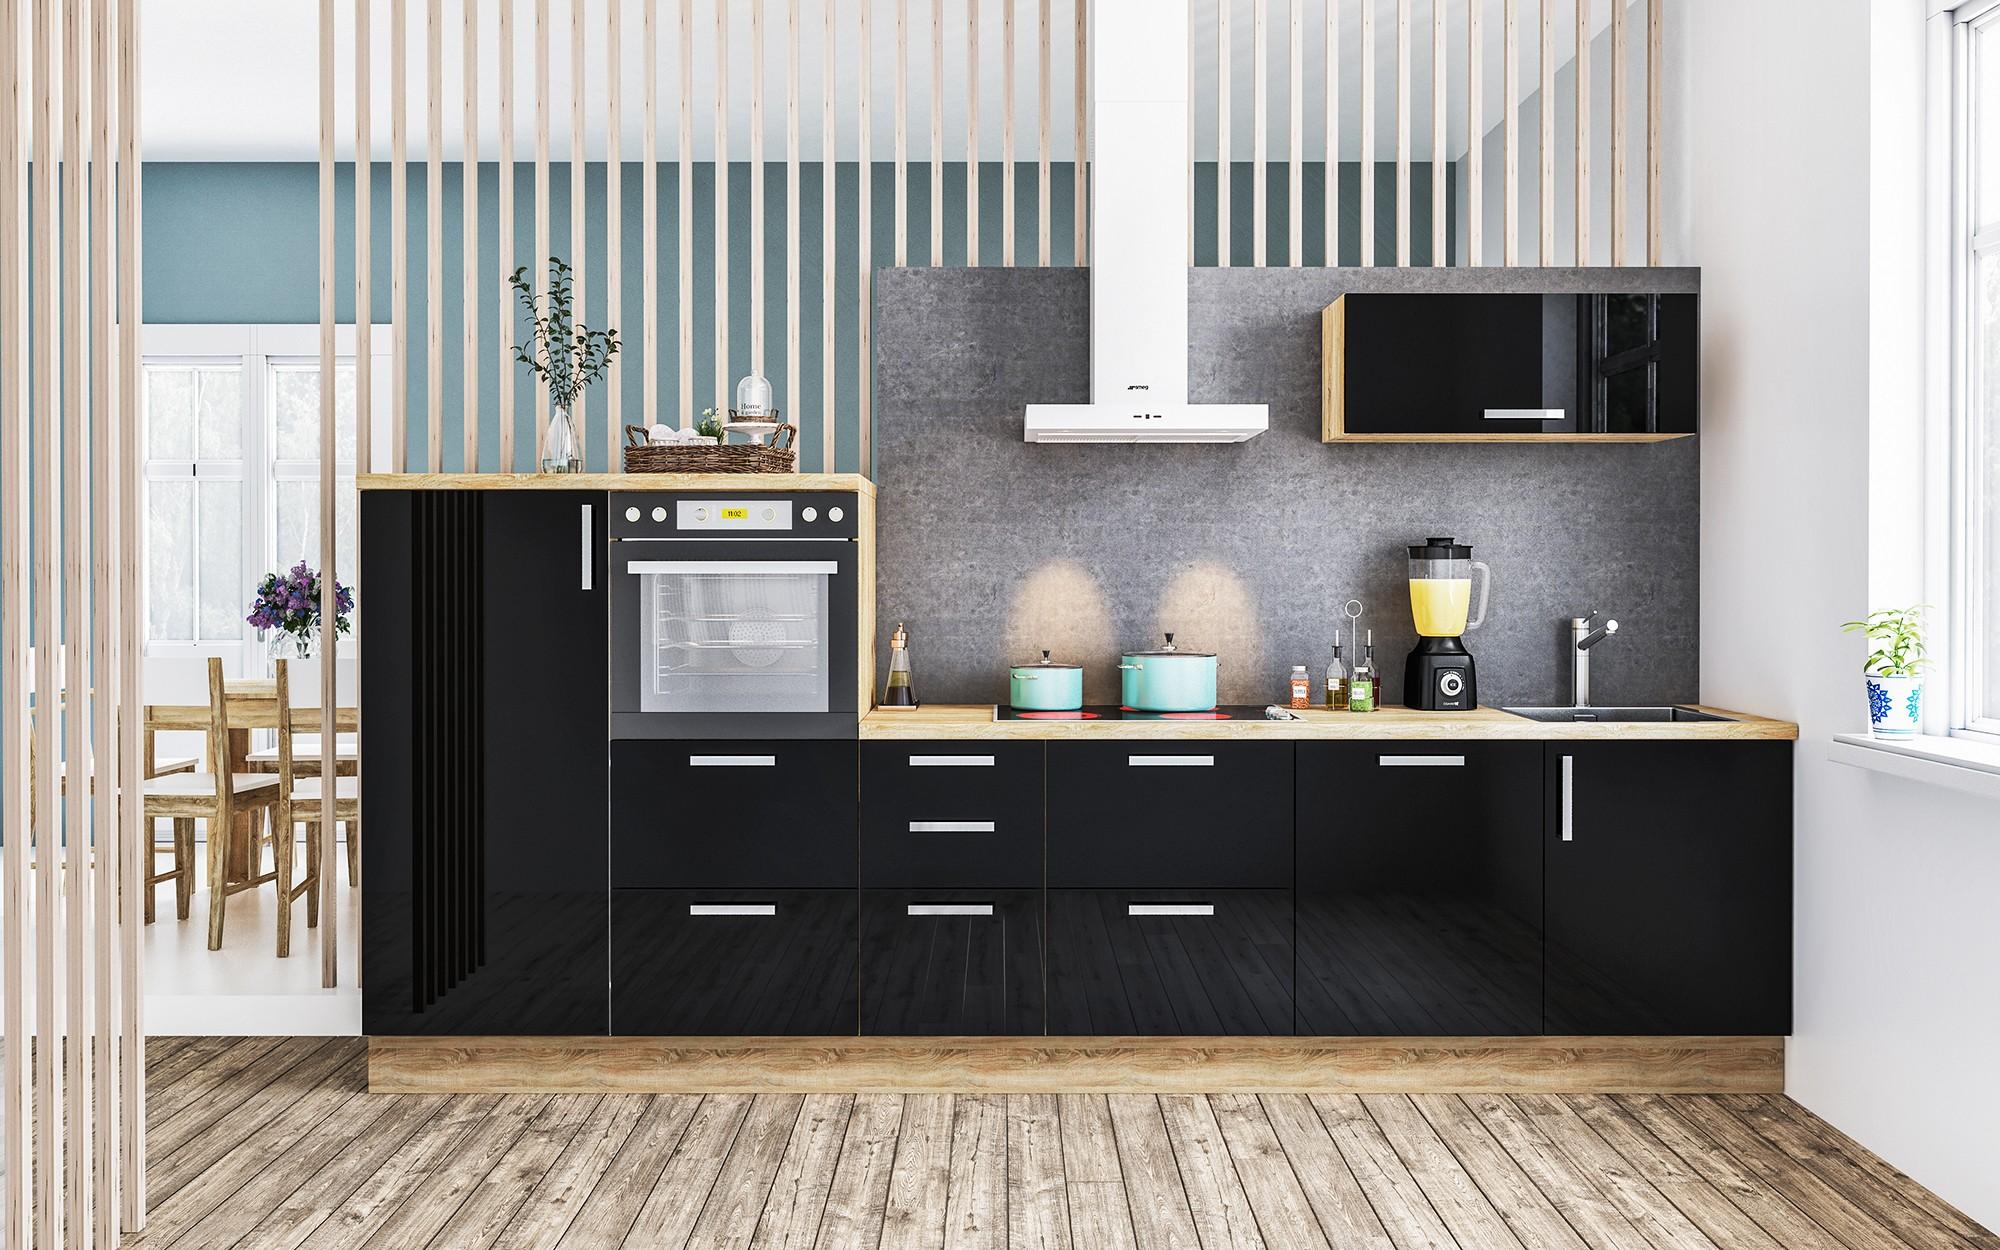 Full Size of Einbauküchen Mit Elektrogeräten U Form Einbauküche Mit Elektrogeräten Ikea Einbauküche Mit Elektrogeräte Komplett Einbauküche 250 Cm Mit Elektrogeräten Küche Einbauküche Mit Elektrogeräten